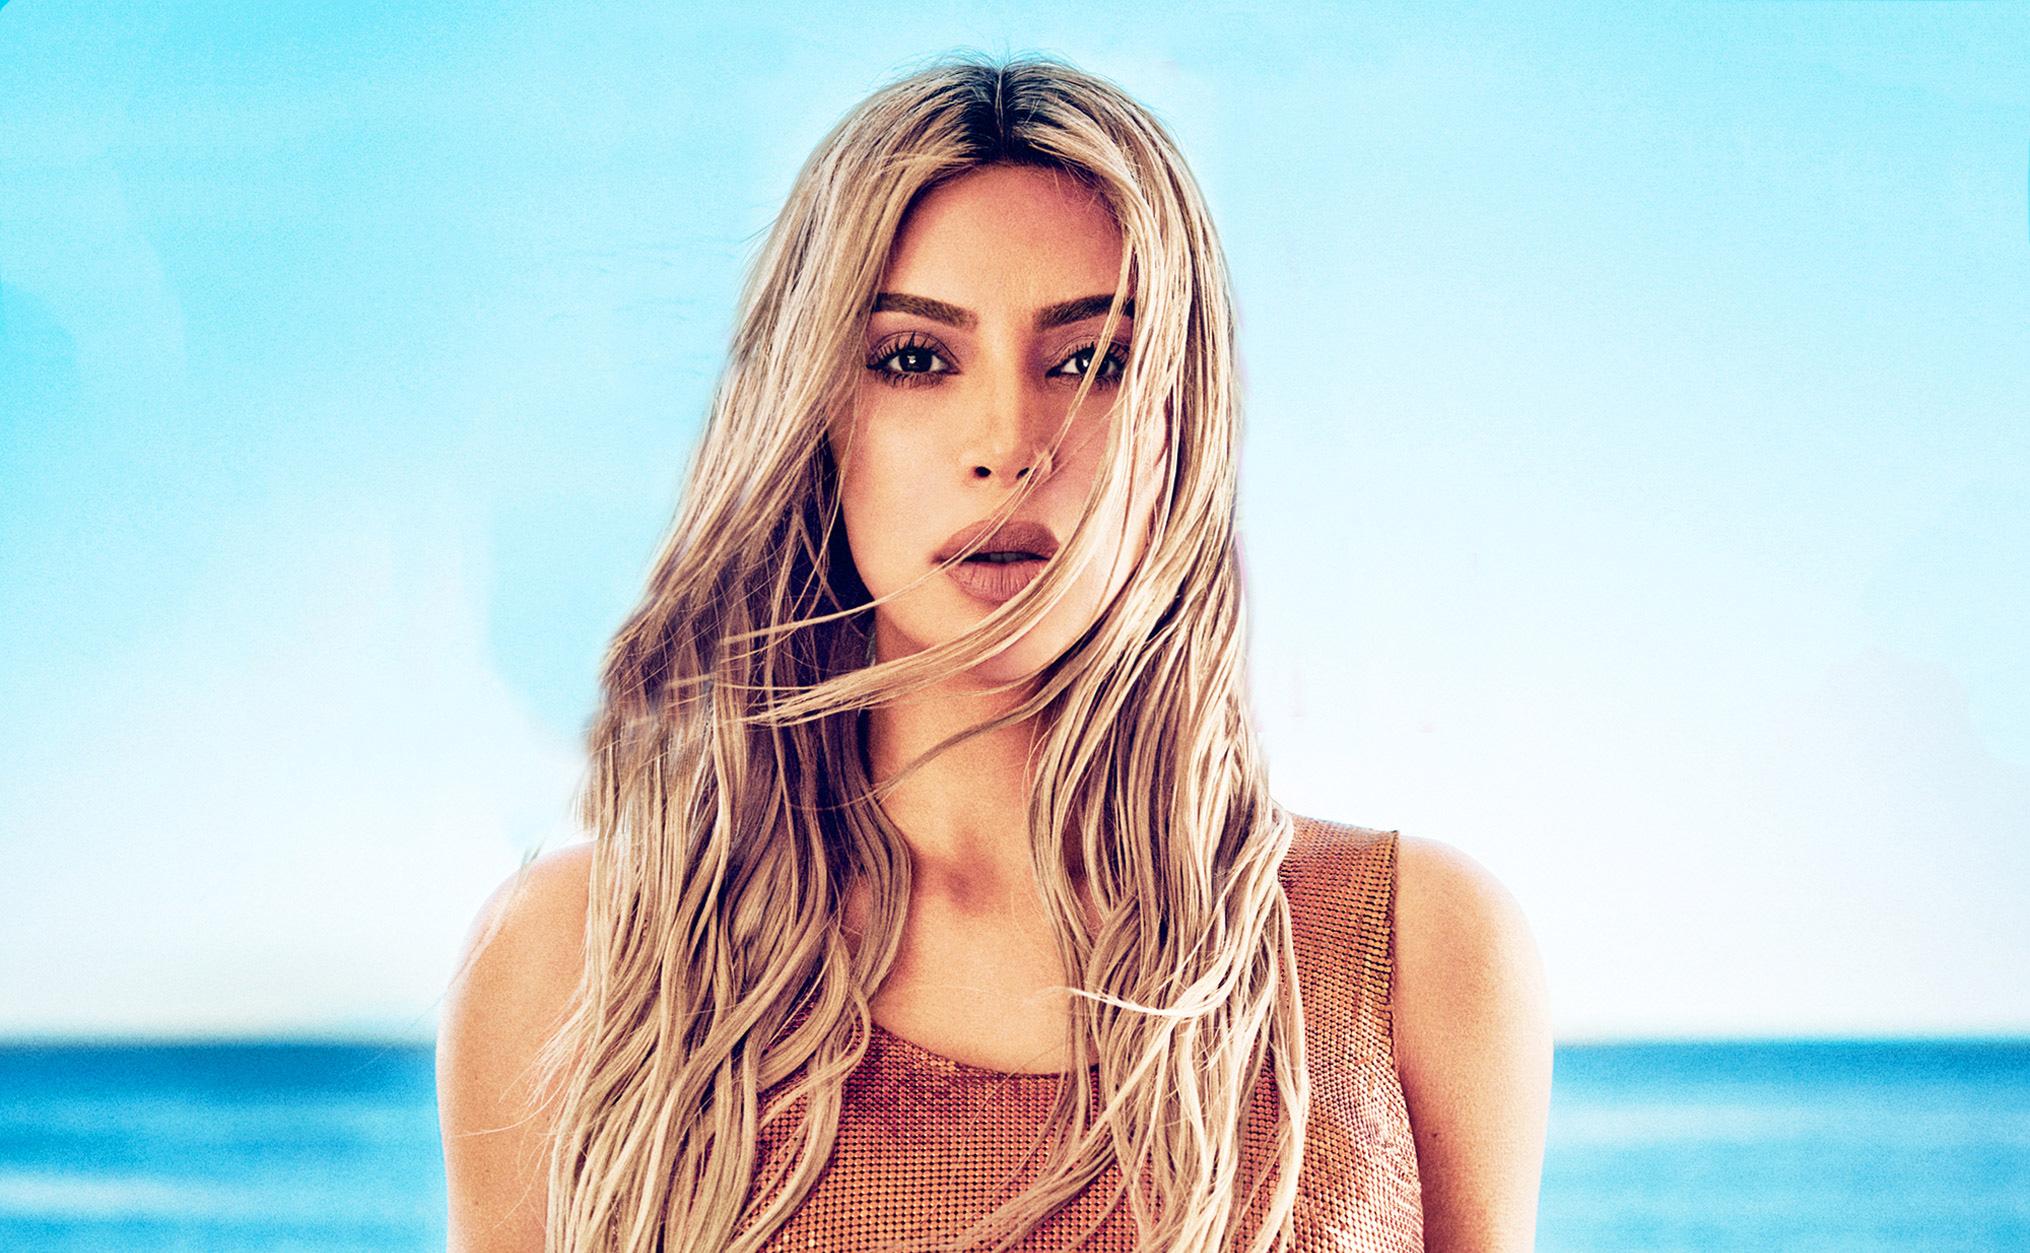 1920x1200 Kim Kardashian Elle 2018 Photoshoot 1080p